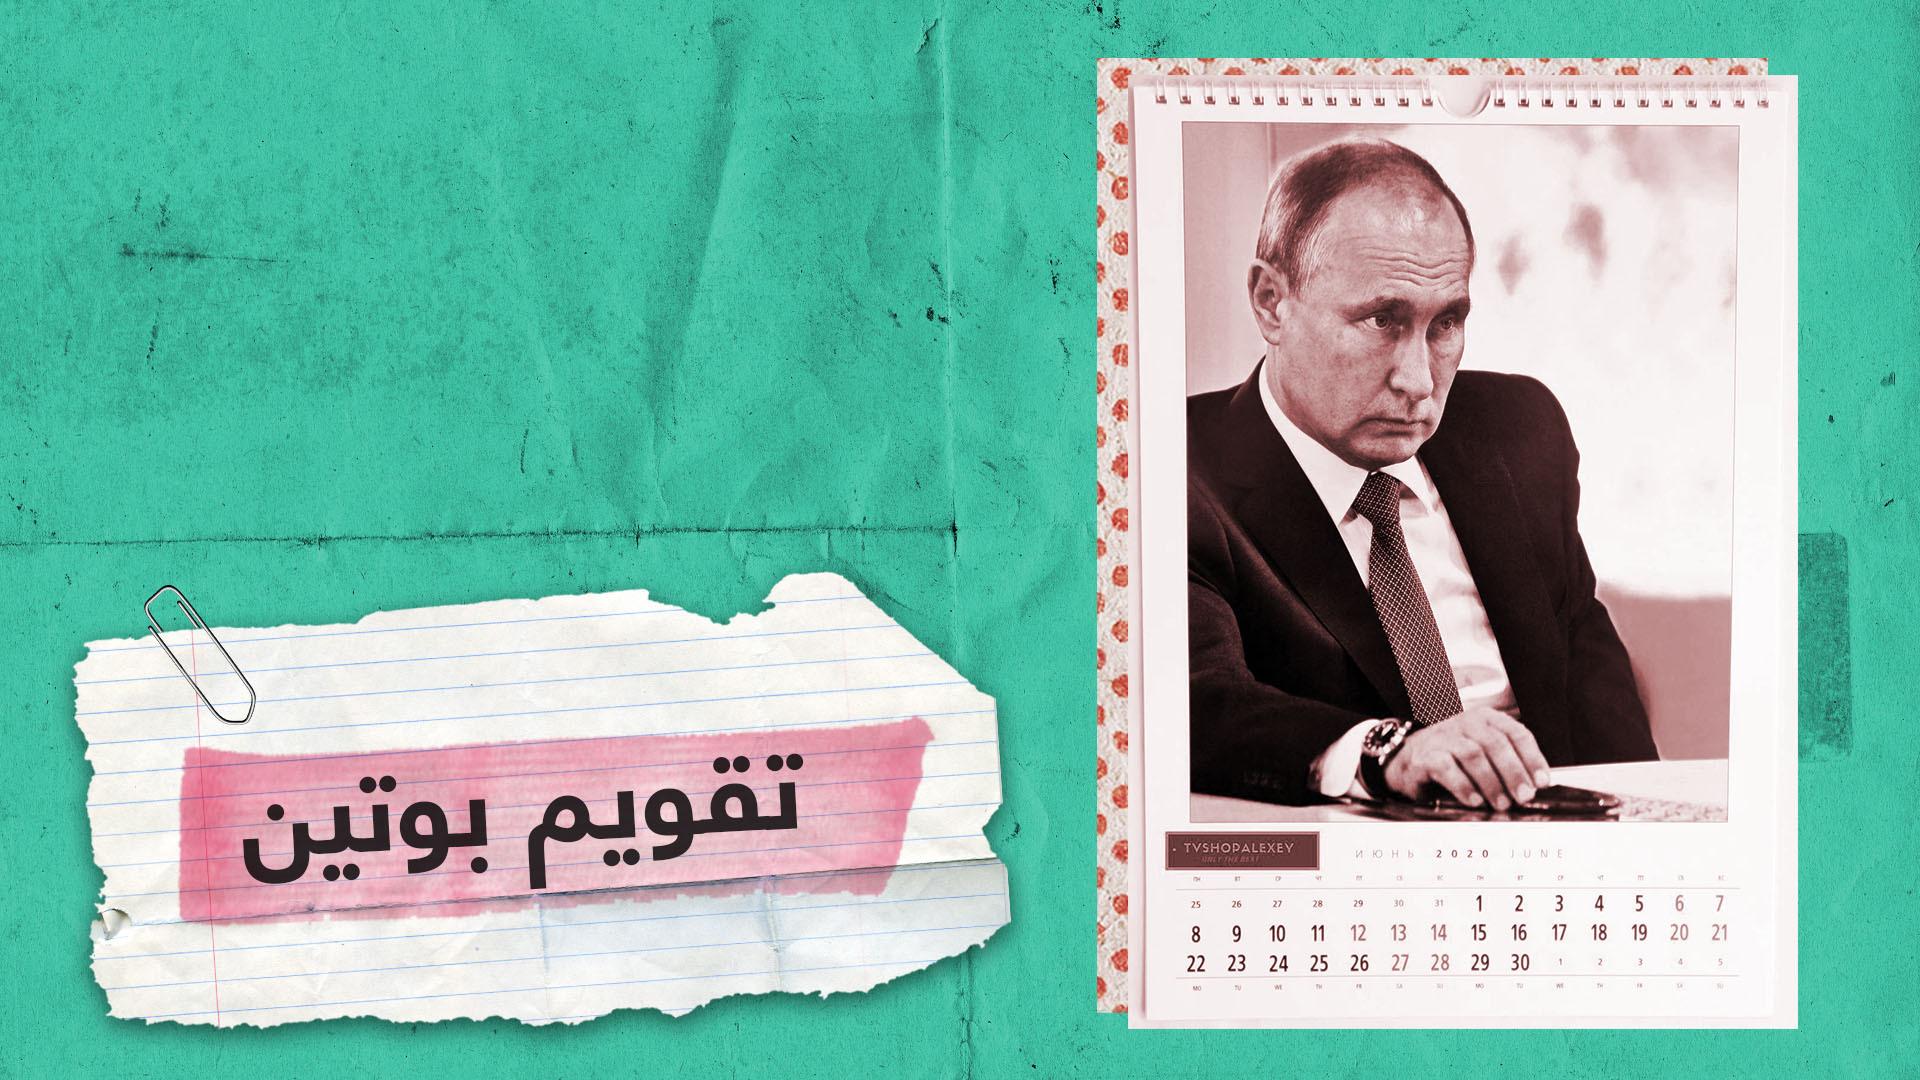 تقويم سنوي يحمل صور بوتين يلقى رواجا في اليابان